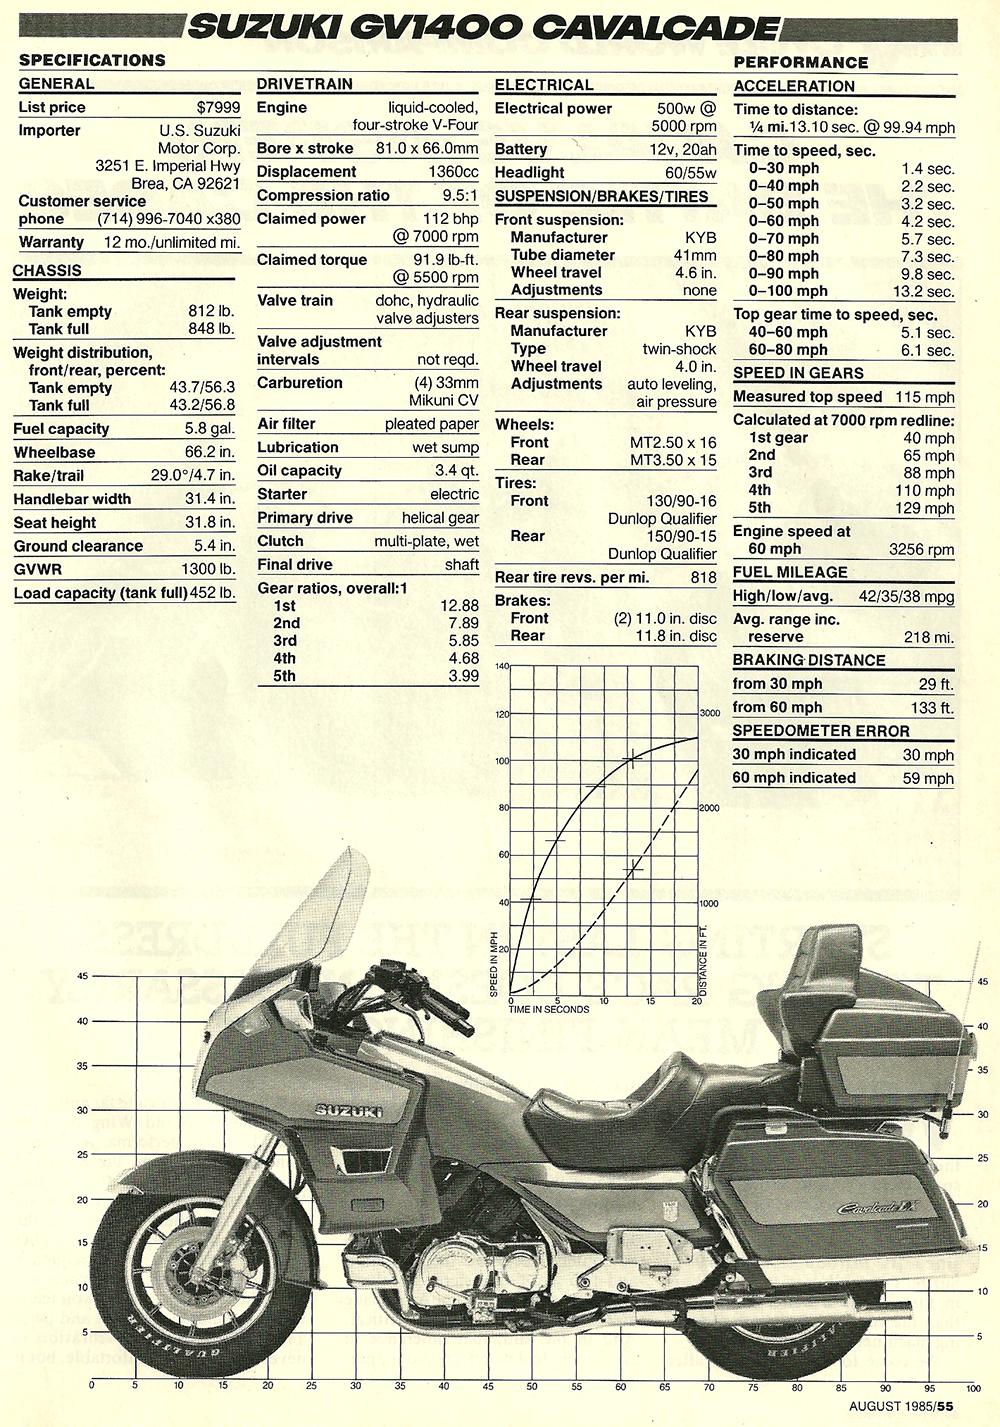 1985 Suzuki GV1400 Cavalcade road test 06.jpg